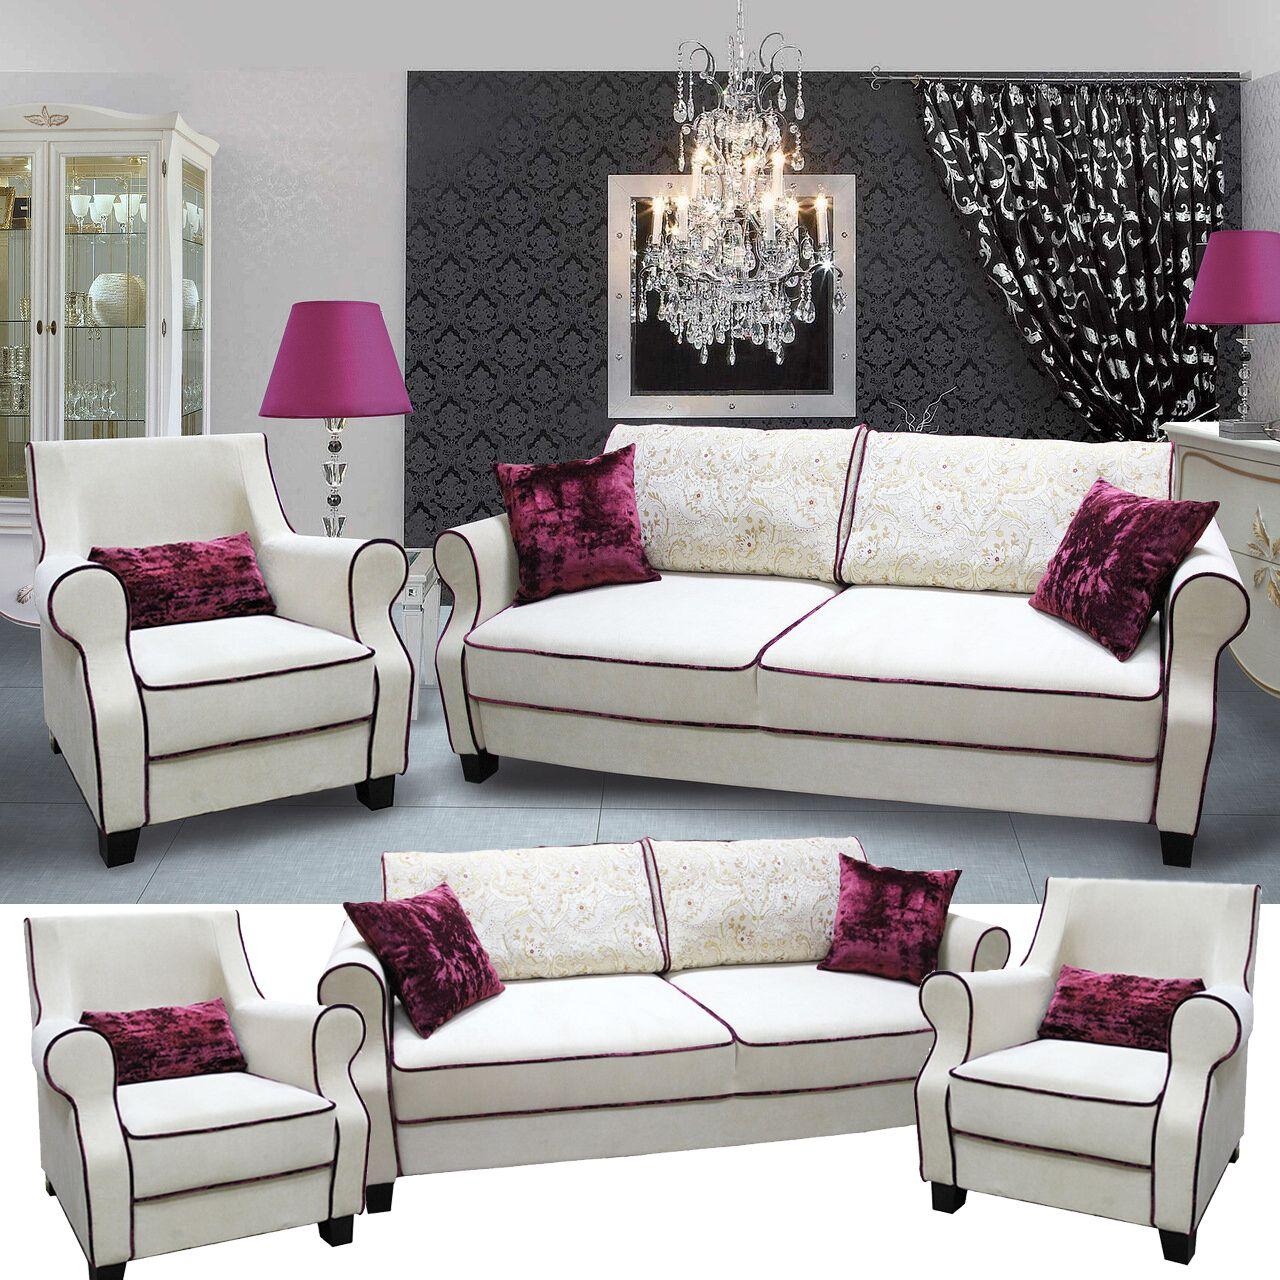 Jackeline Couchgarnitur 2 Sitzer Schlafcouch Mit 2 Sesseln Weiß Schwarz Haus Deko Couch Couchgarnitur